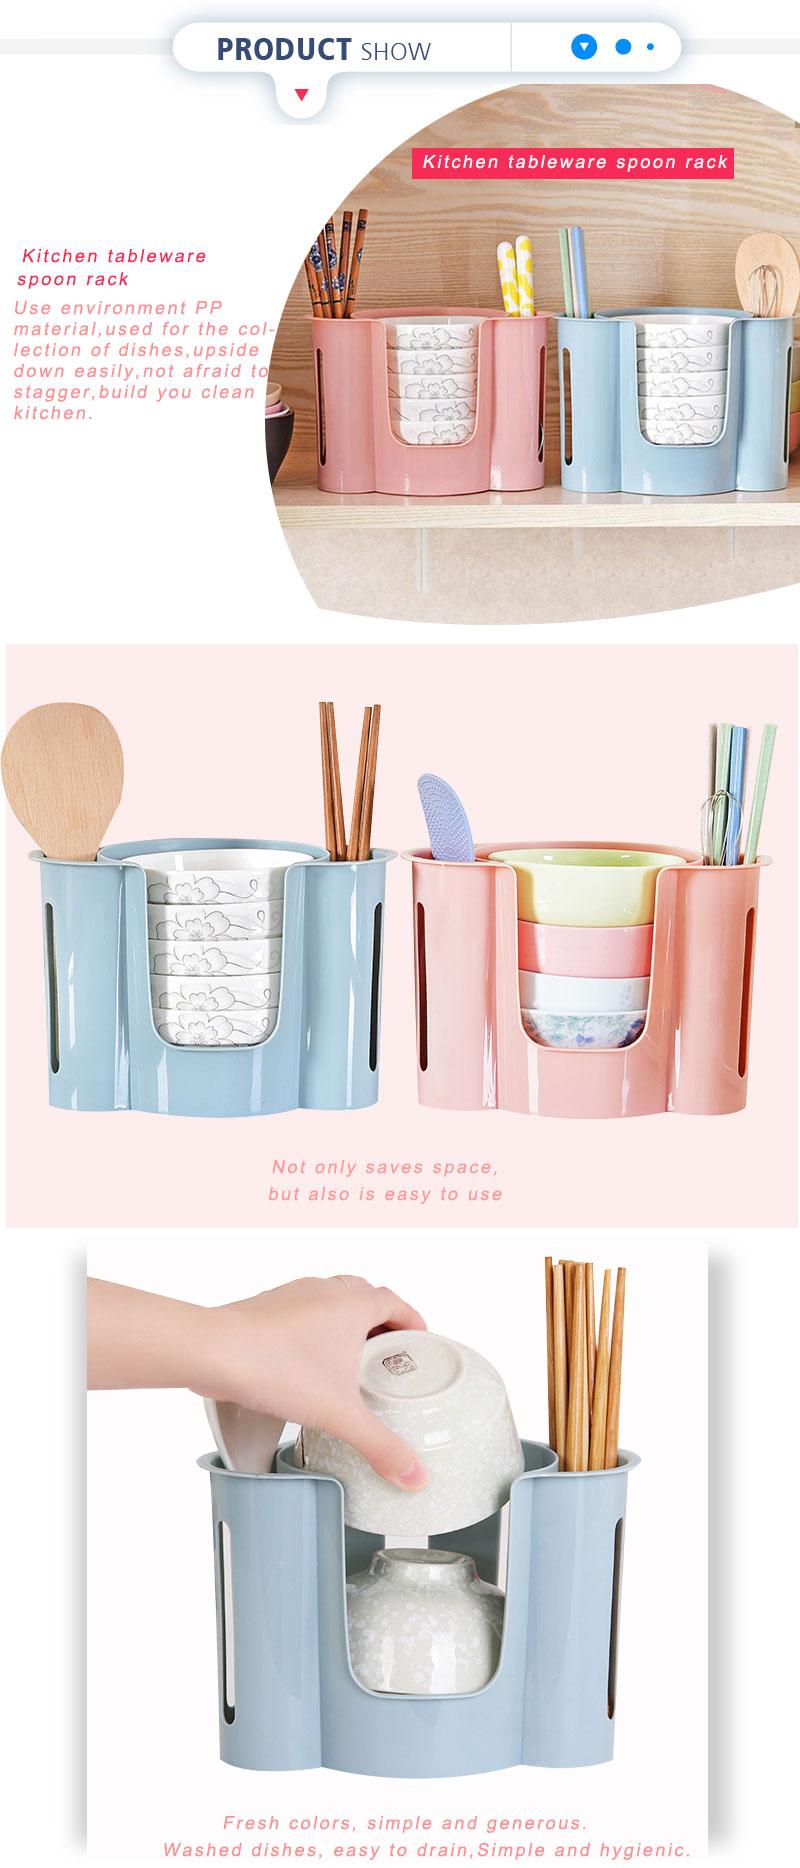 沥水架厨房用品餐具勺子置物架_01.jpg